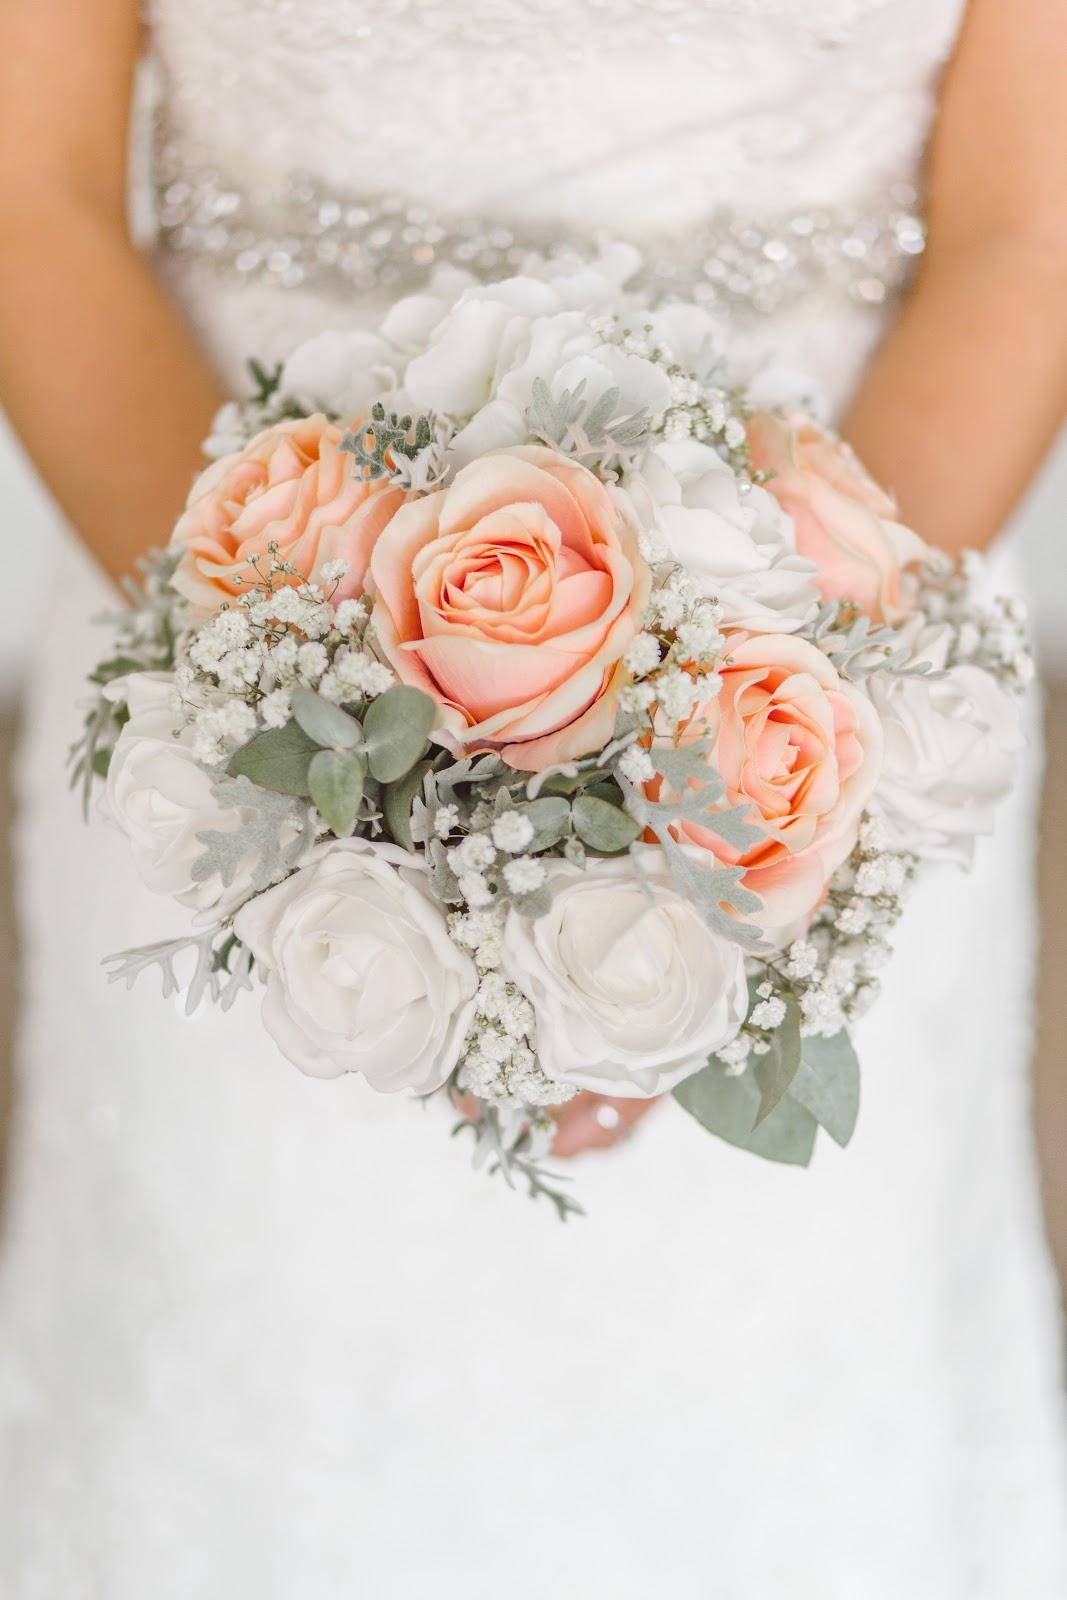 WEDDING REGISTRY MADE SIMPLE